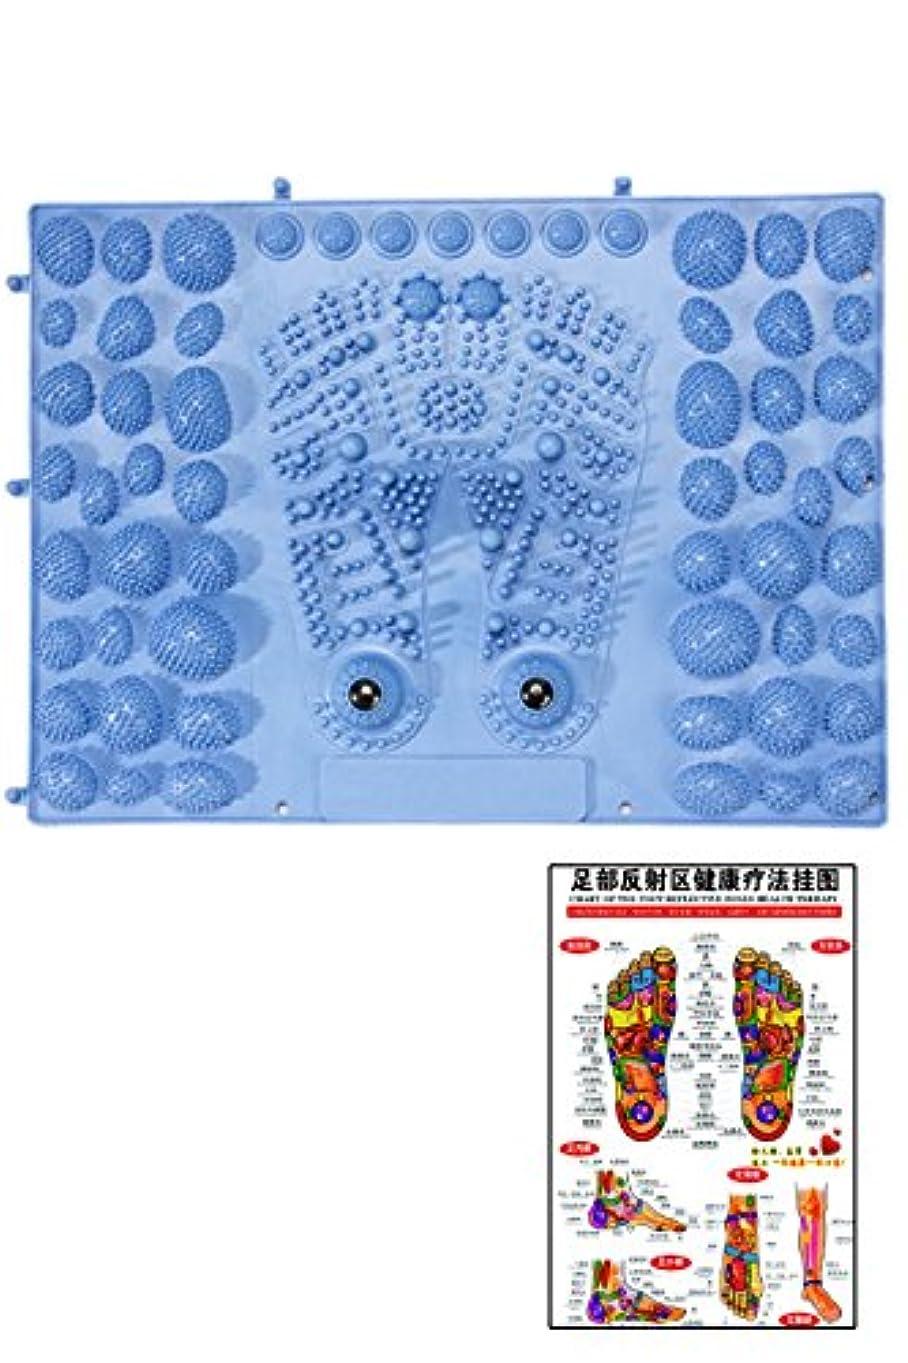 ロビーしばしばプランター(POMAIKAI) 足型 足ツボ 健康 マット ダイエット 足裏マッサージ 反射区 マップ セット (ブルー)